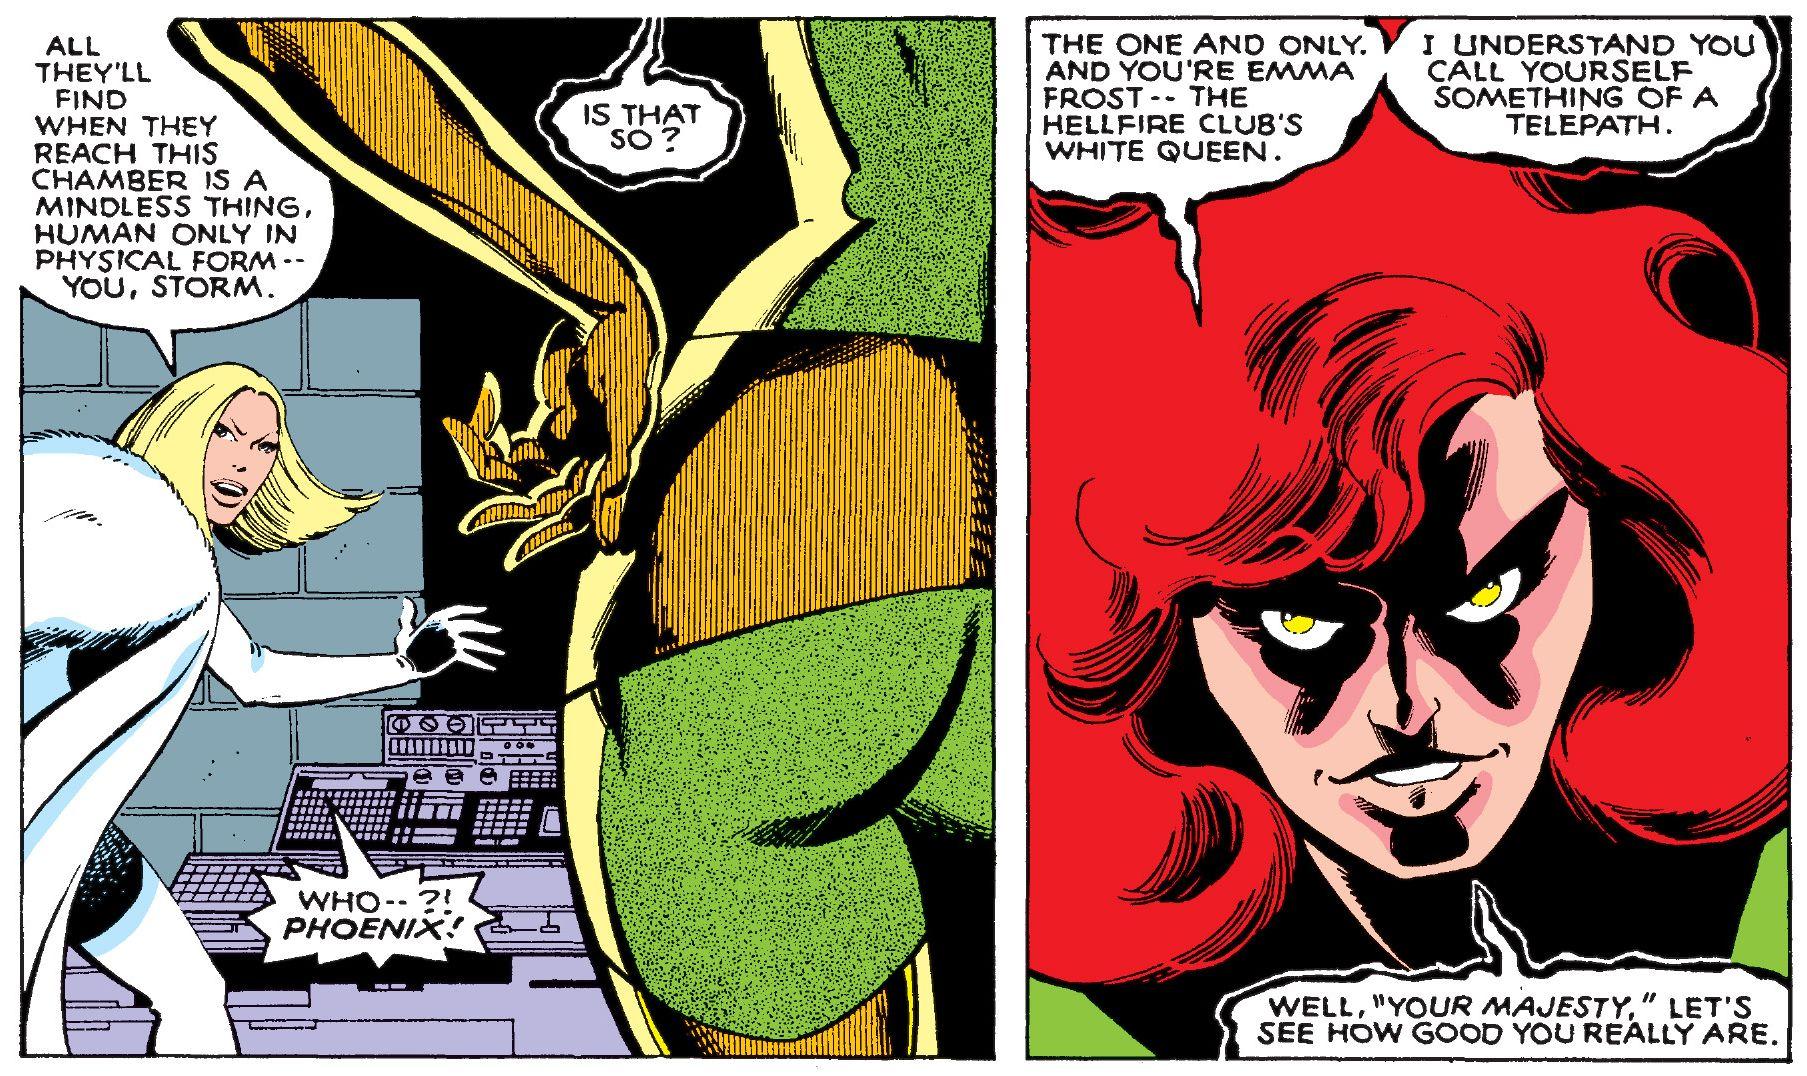 Uncanny X-Men  #131 (Marvel, March 1980), page 15